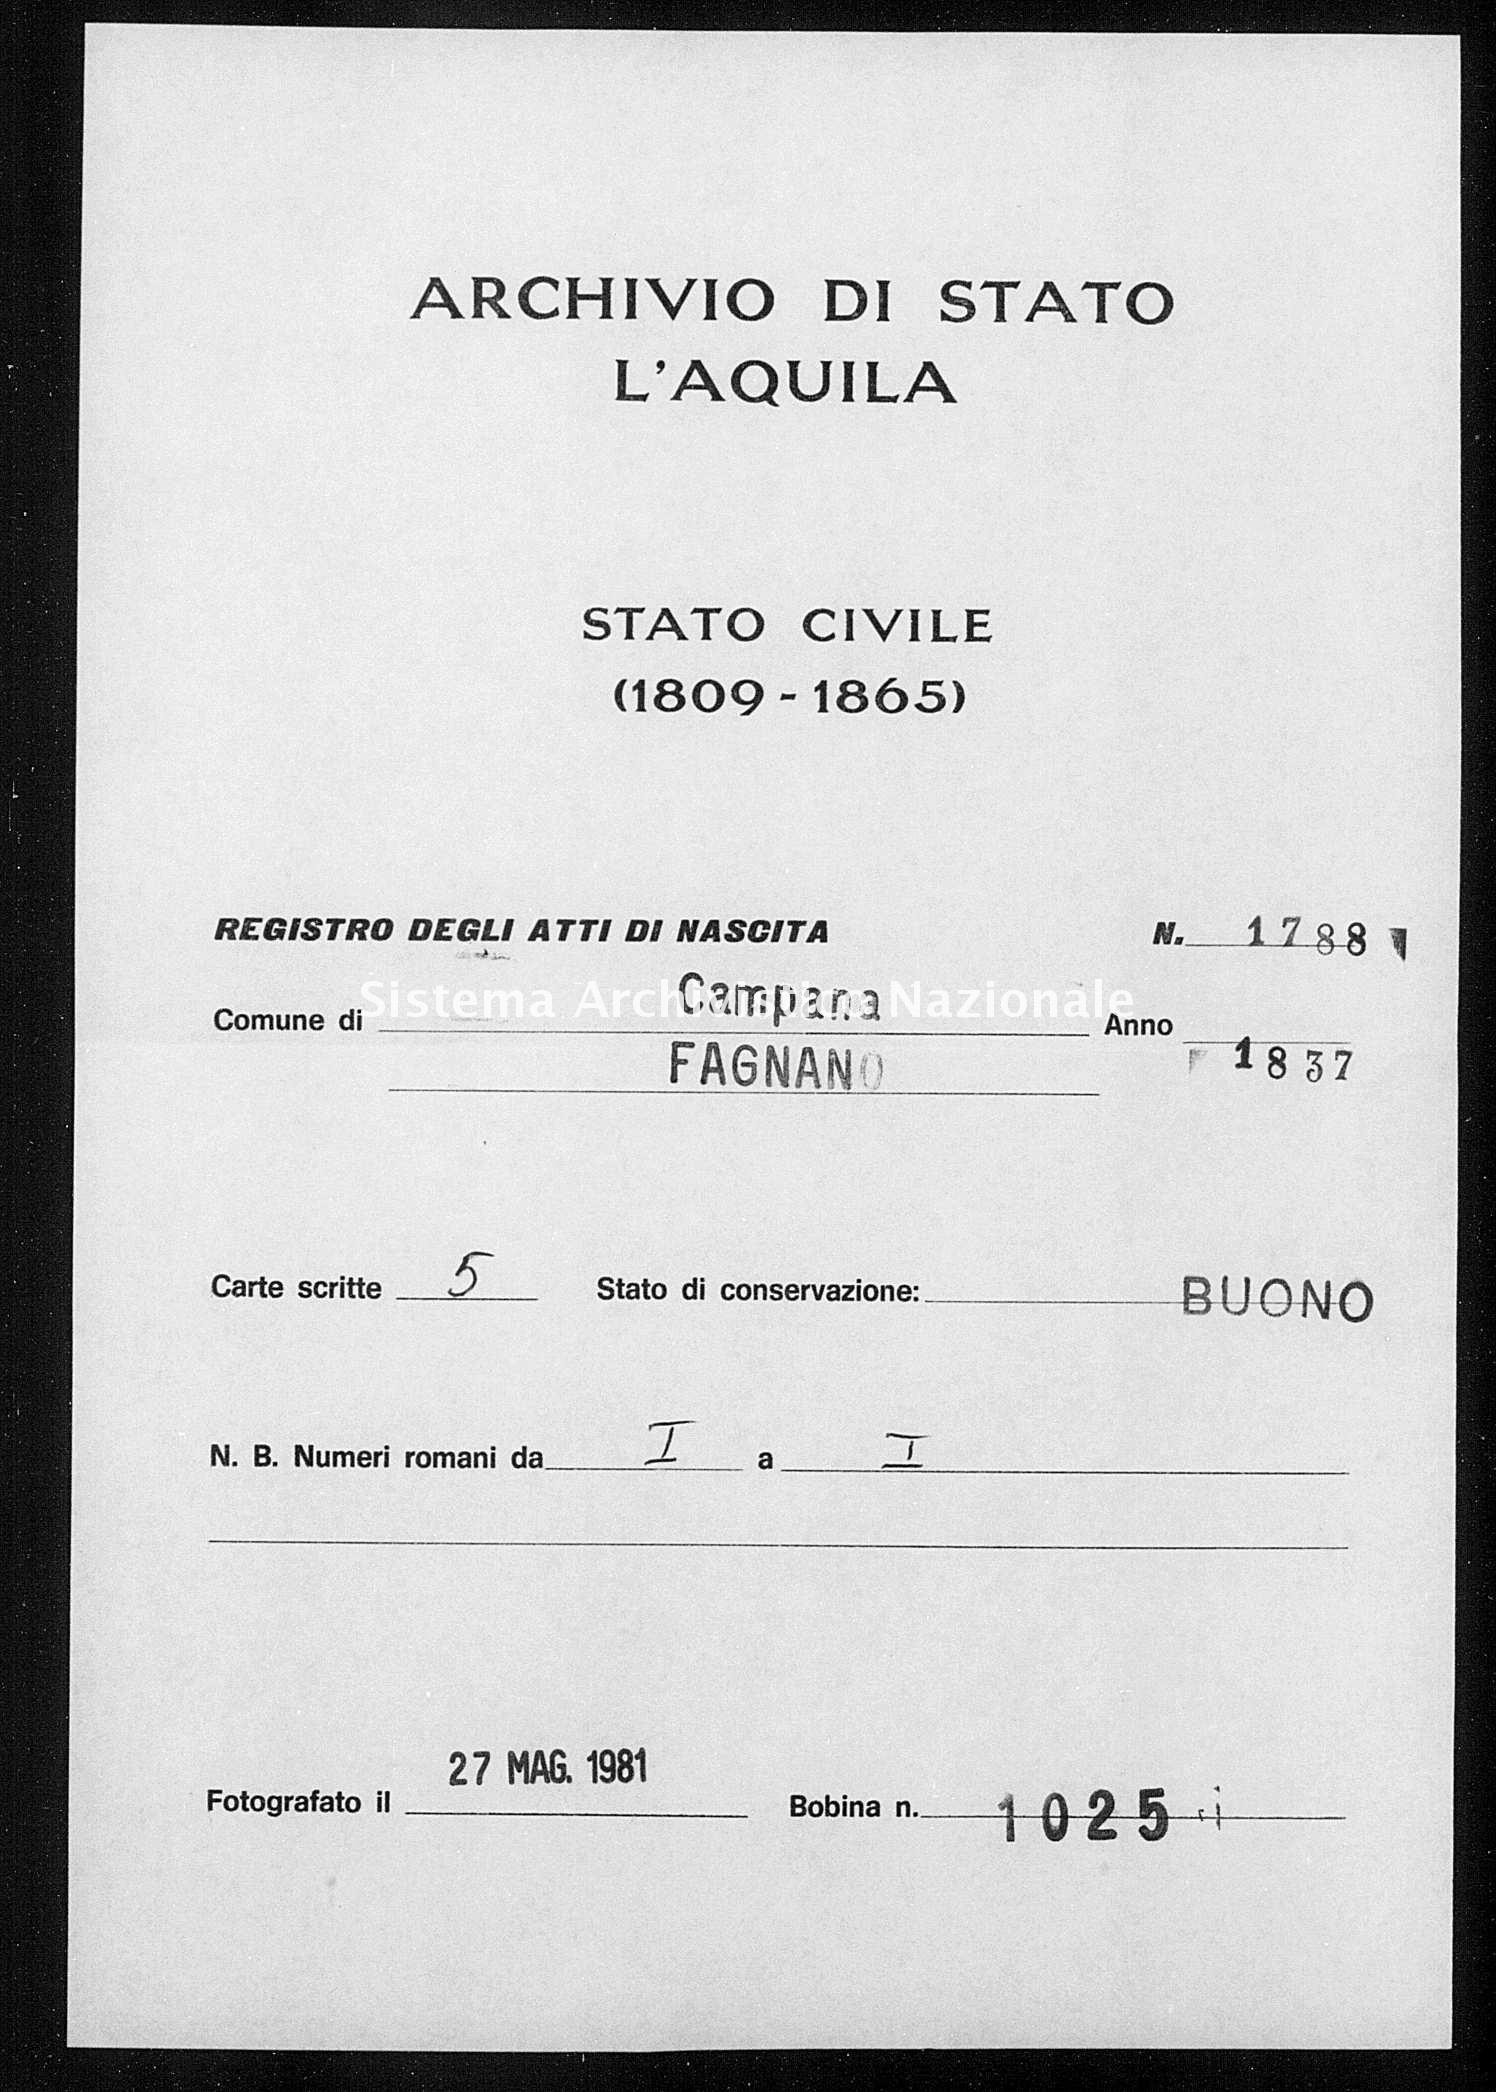 Archivio di stato di L'aquila - Stato civile della restaurazione - Campana - Nati - 1837 - 1788 -